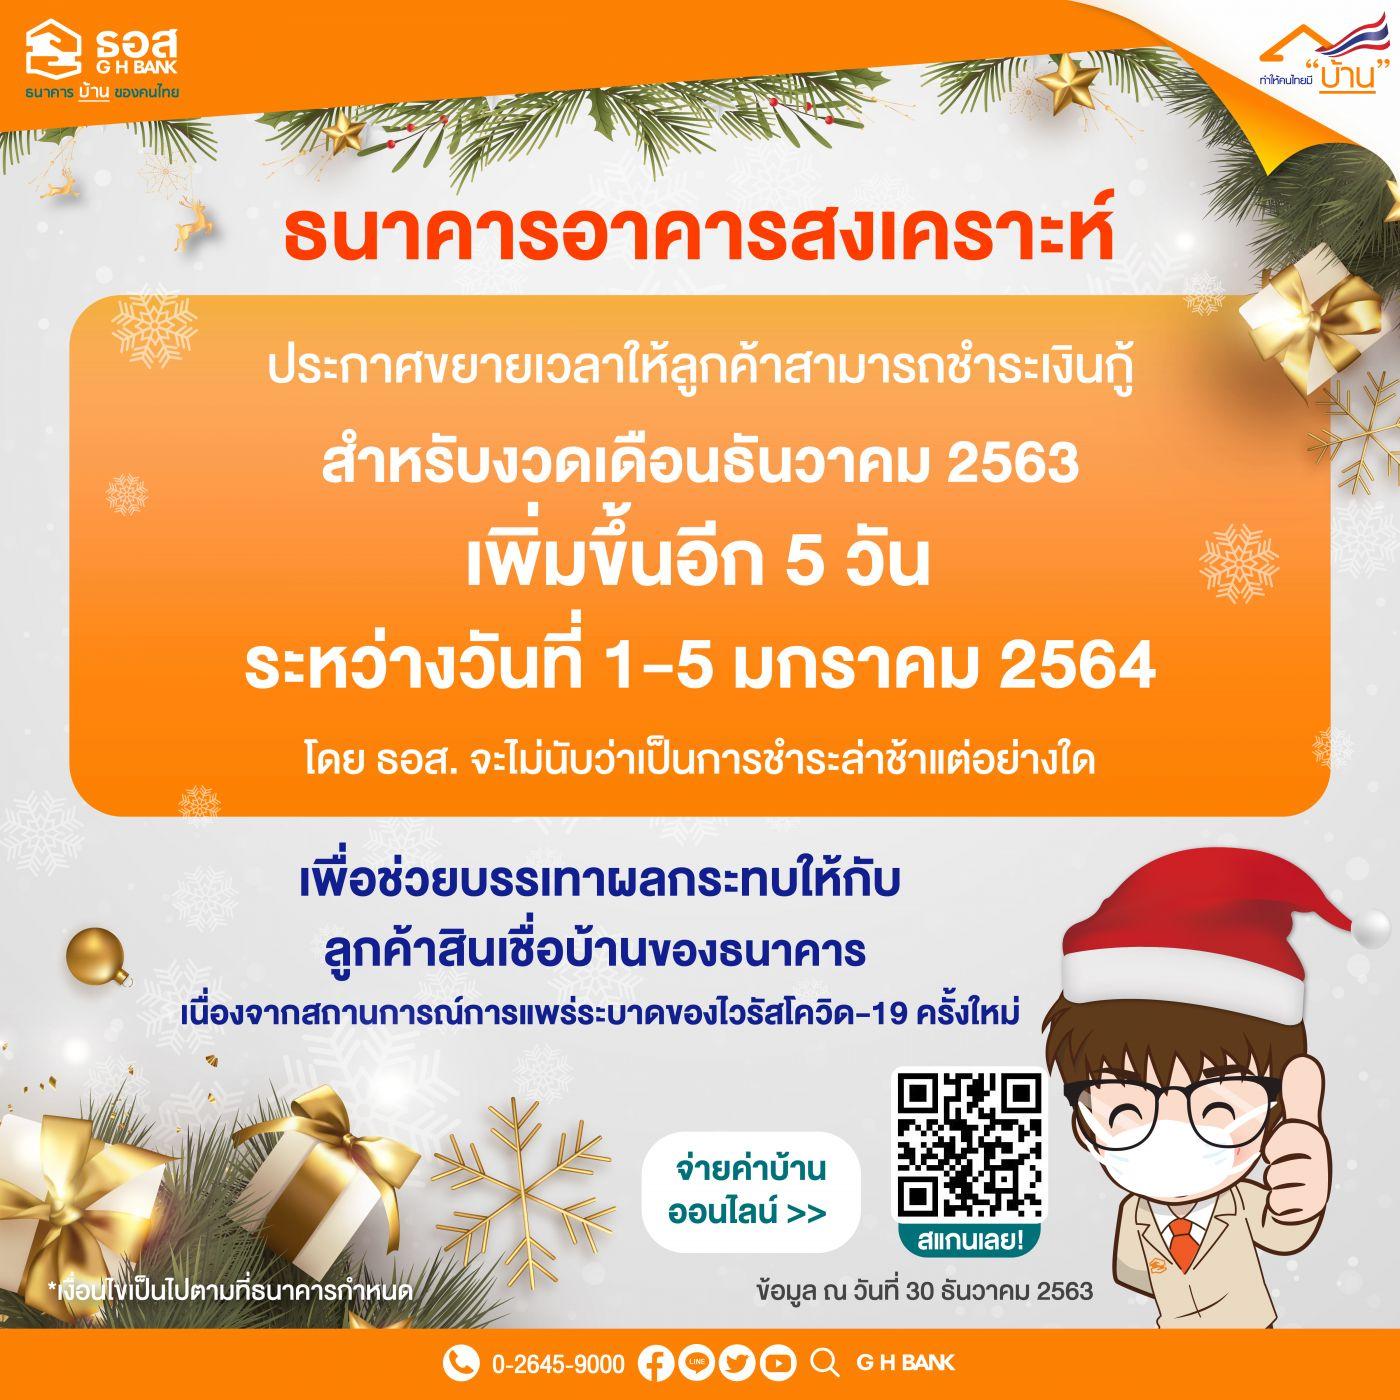 เพิ่มให้อีก 5 วัน!! ธอส. ขยายเวลาชำระเงินกู้งวดเดือนธันวาคม 2563 ถึงวันที่ 5 มกราคม 2564